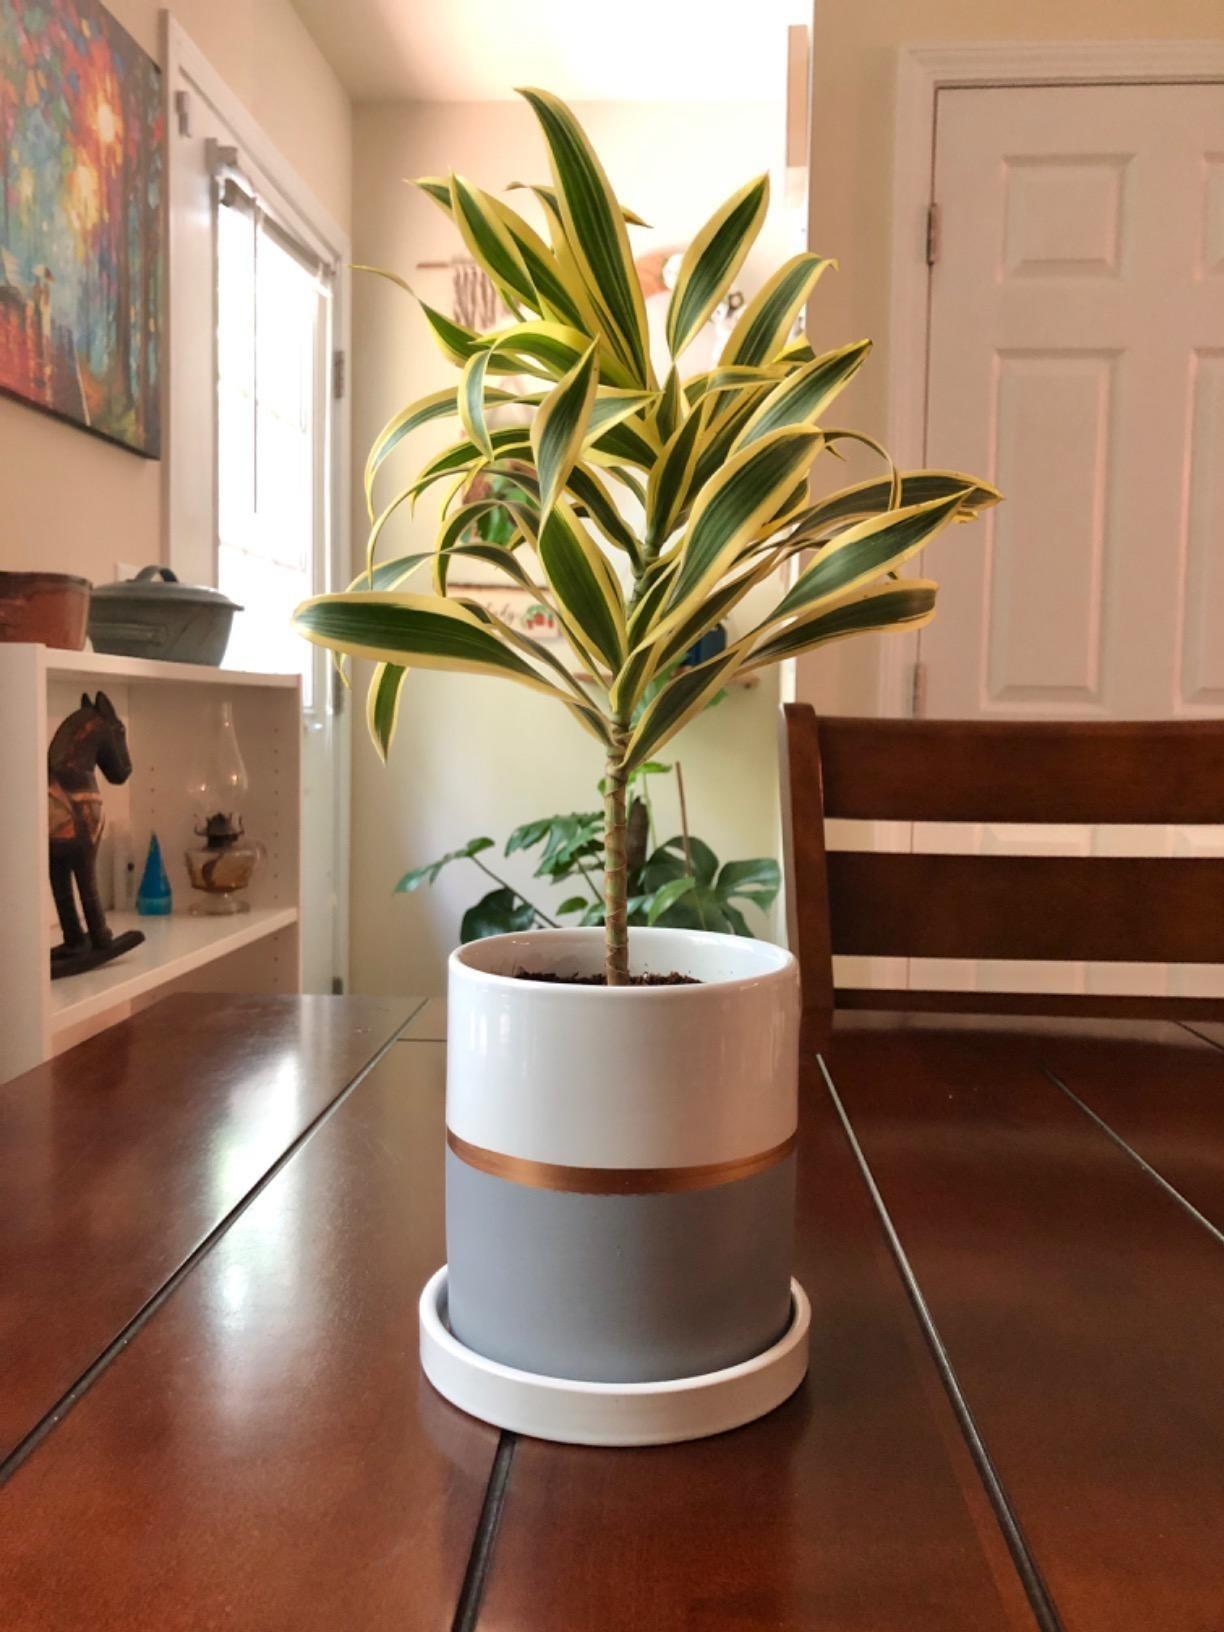 在中间有金条纹的植物持有小植物